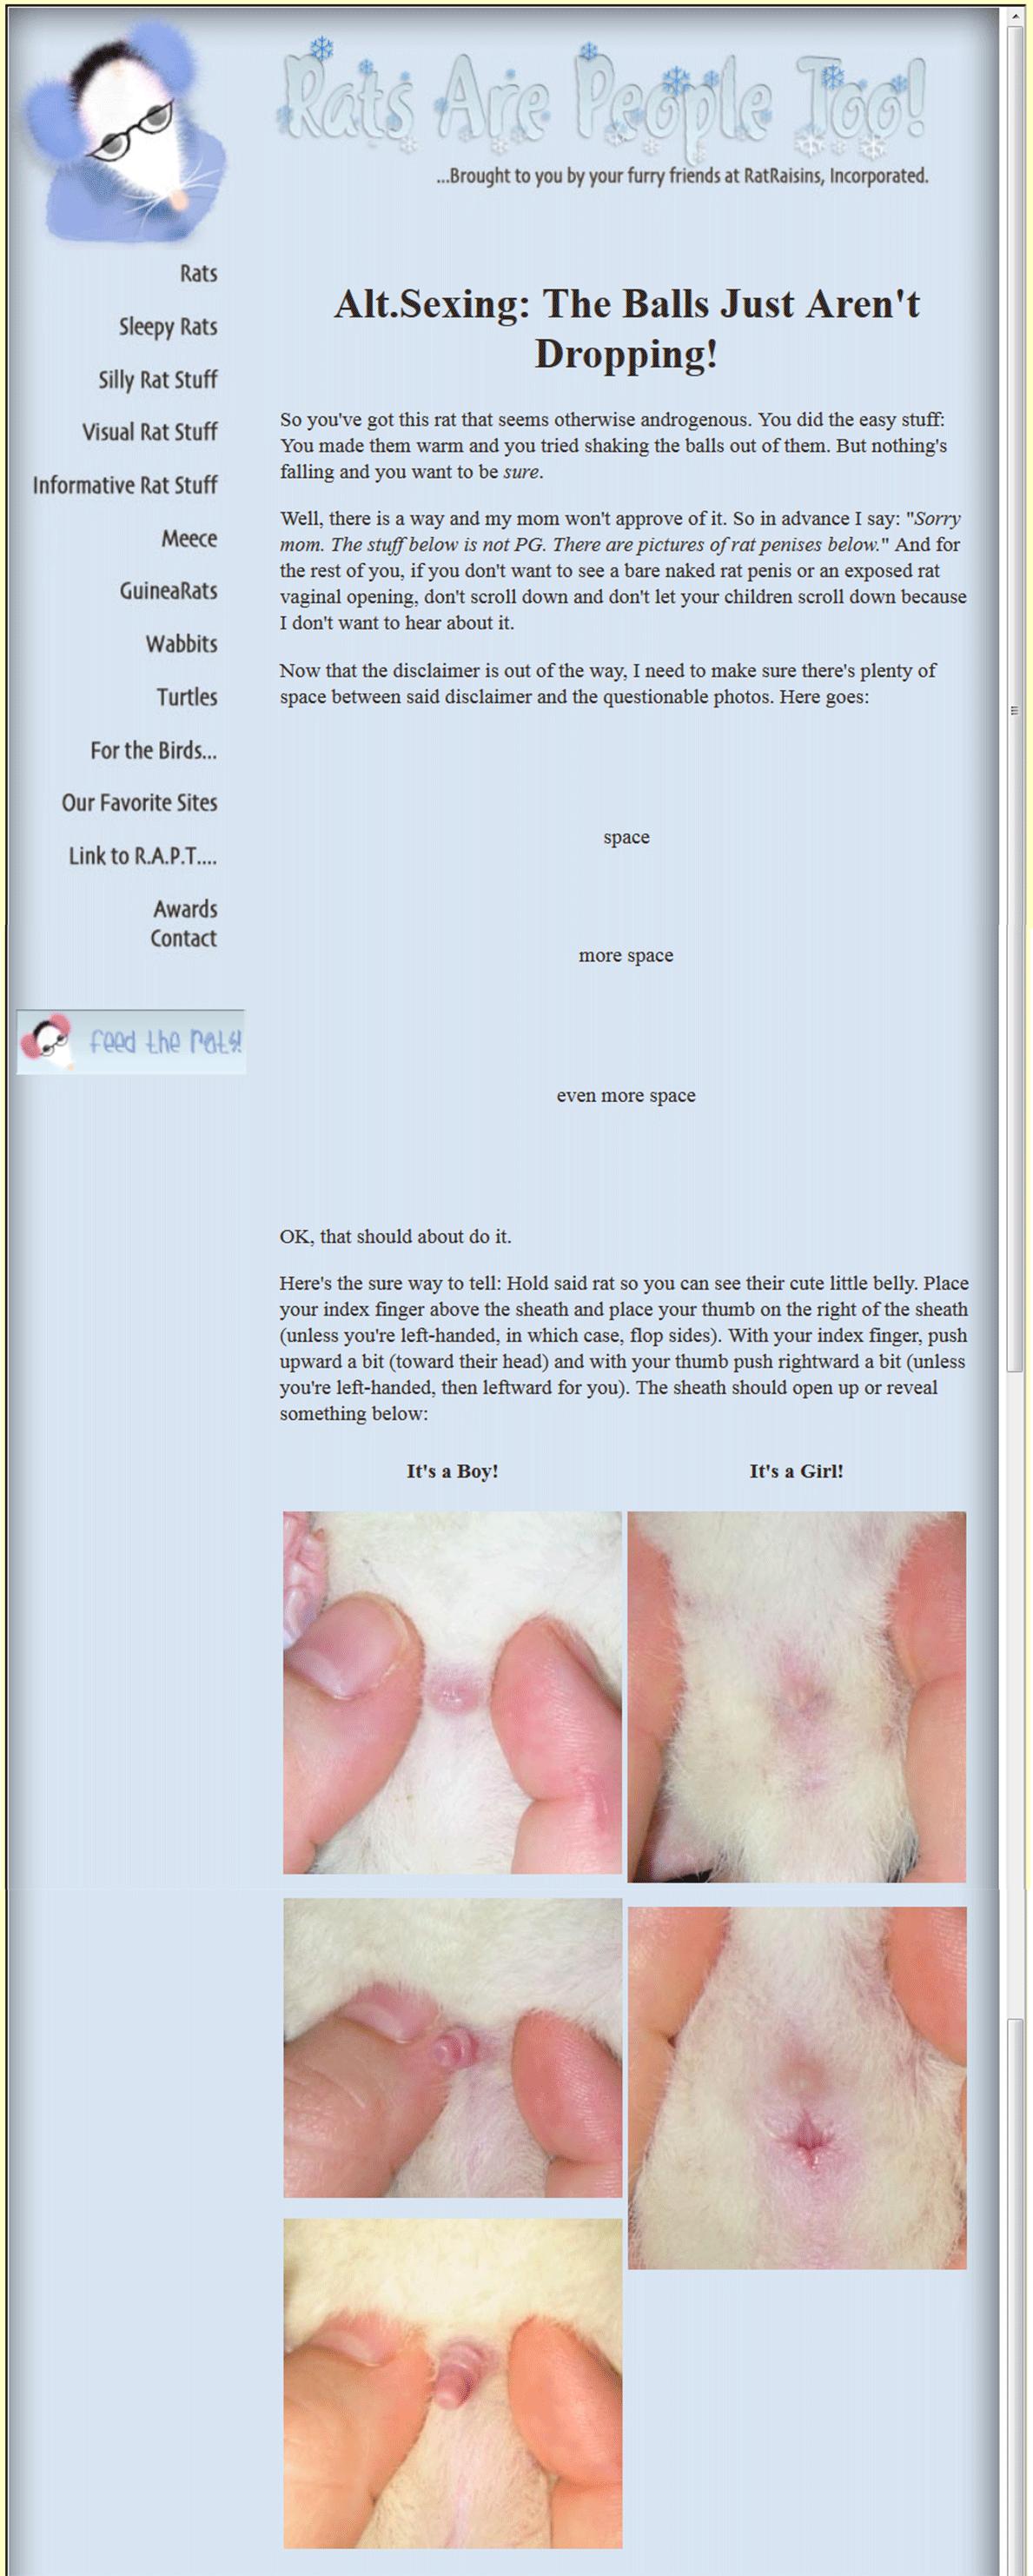 ratraisins2_0000_RB-sexing3-2835416534-O-copy